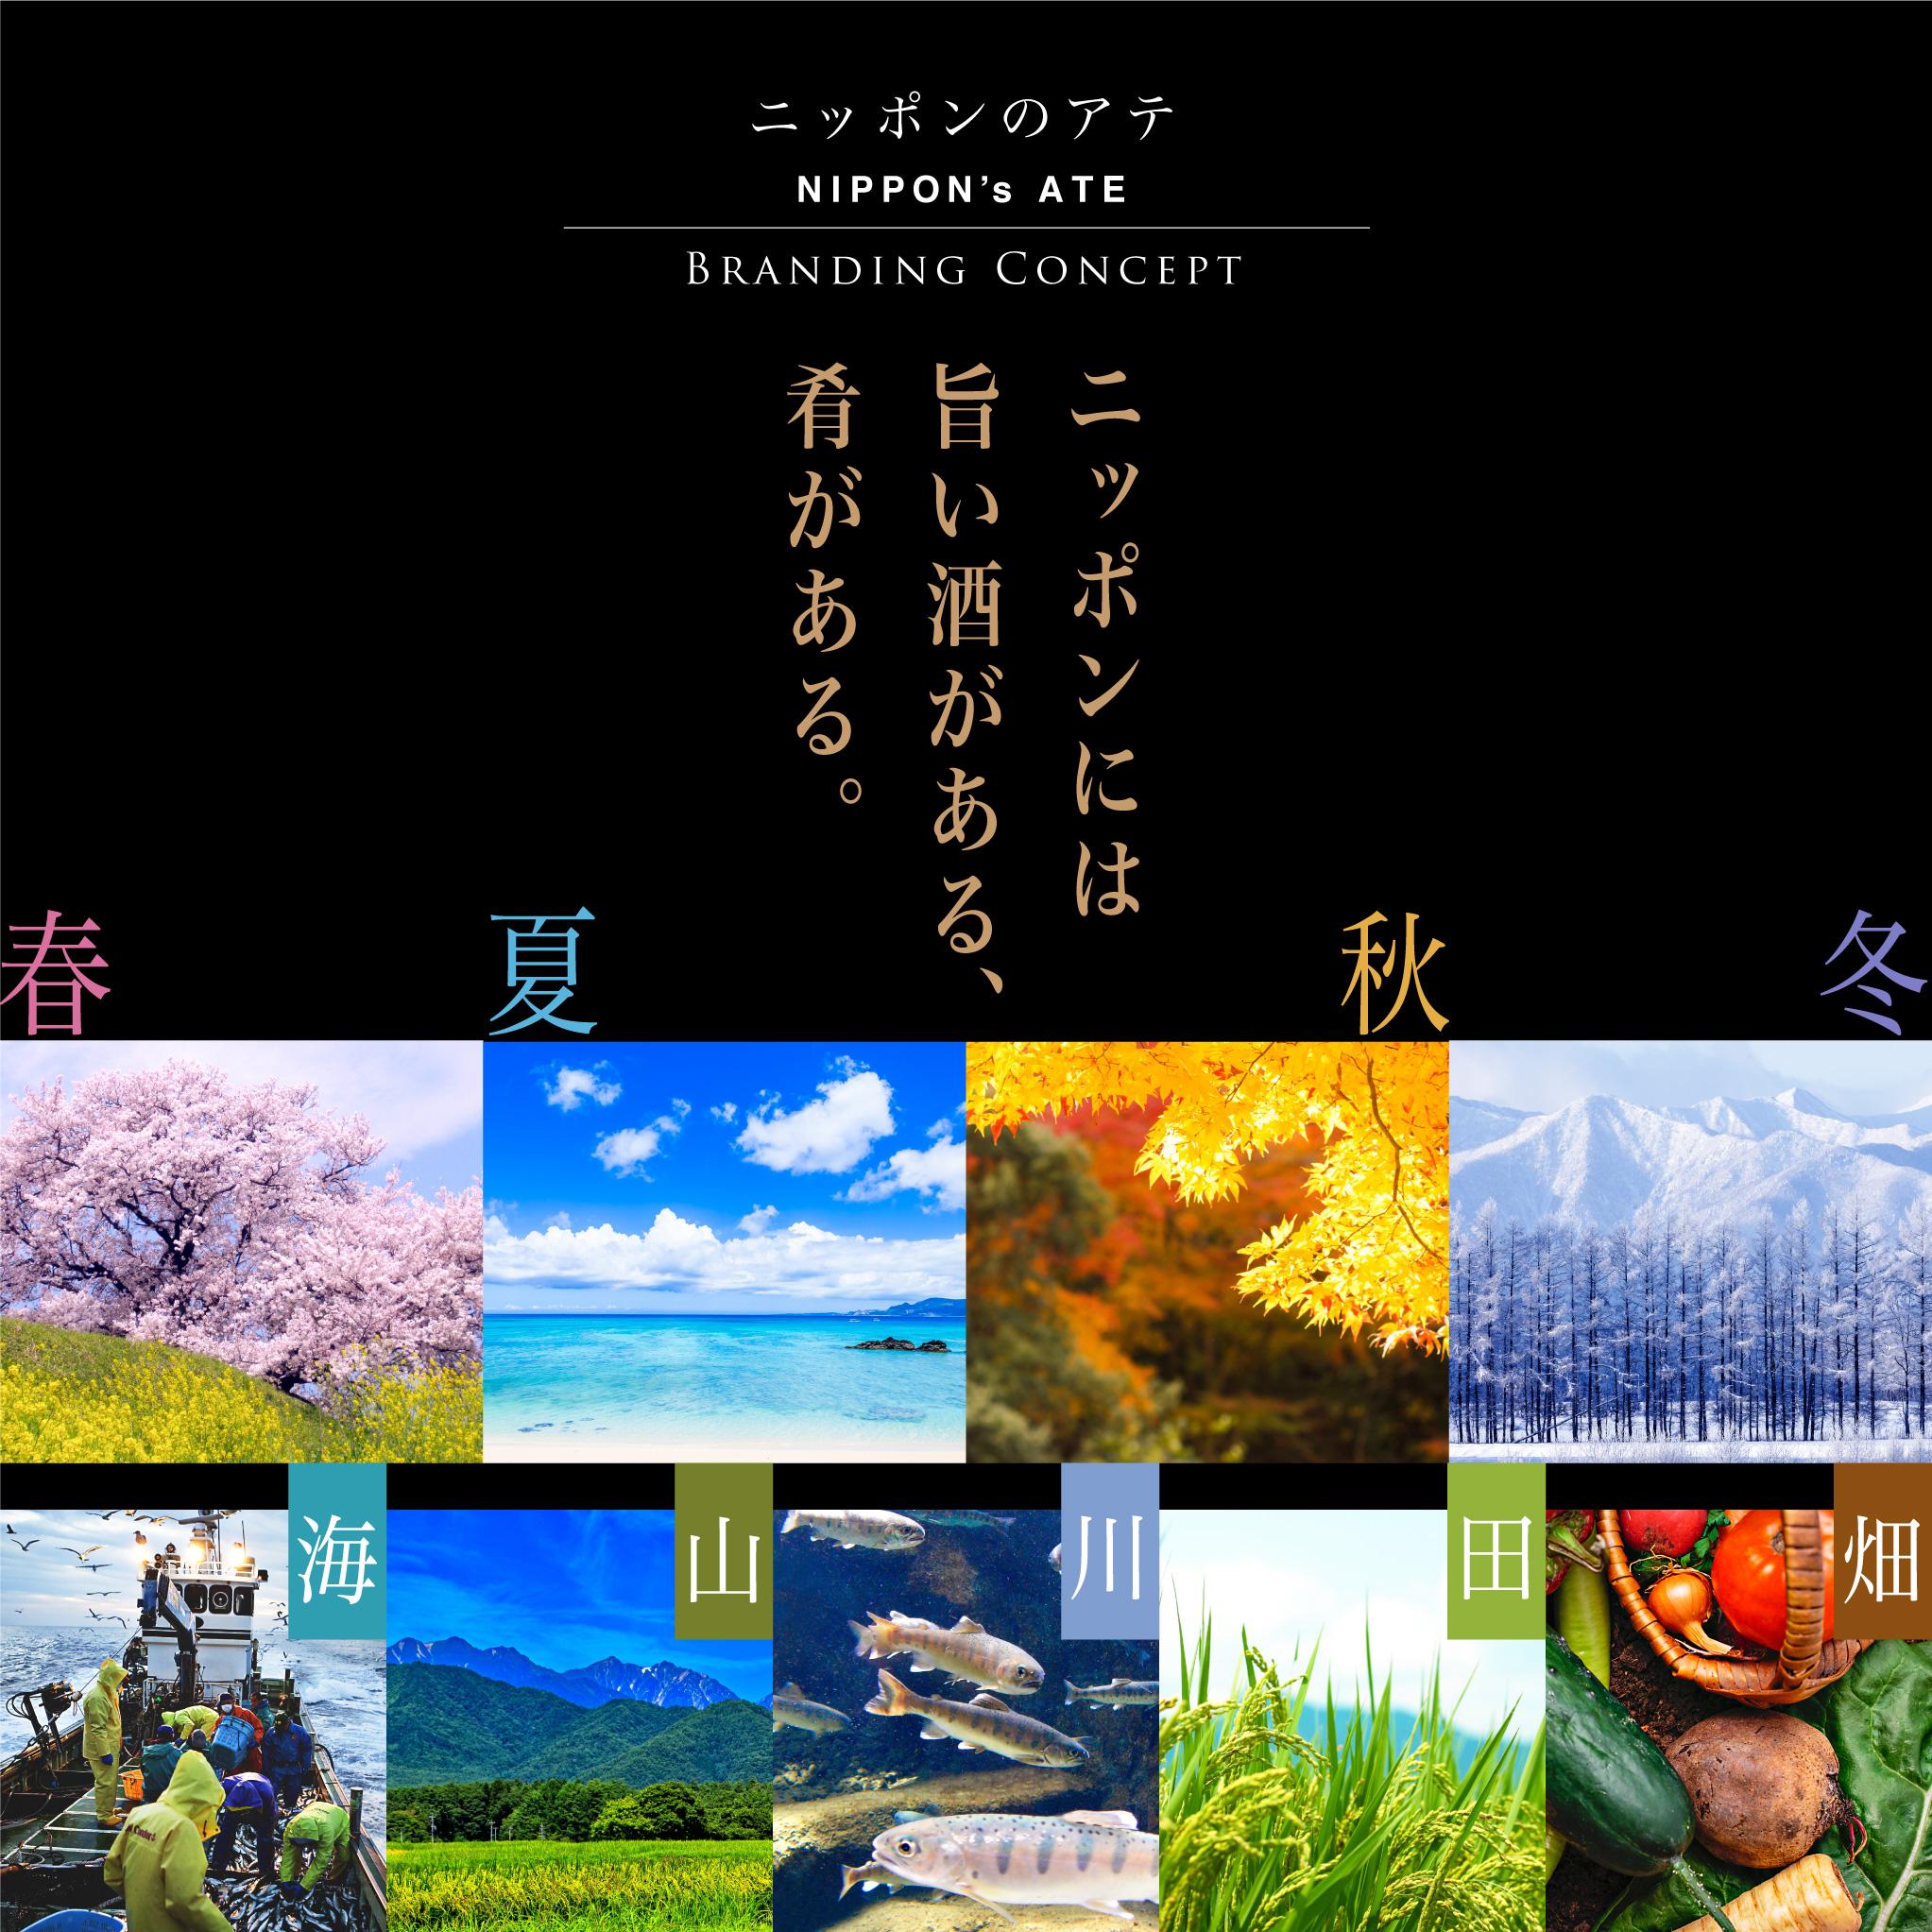 VI_ニッポンのATE_01